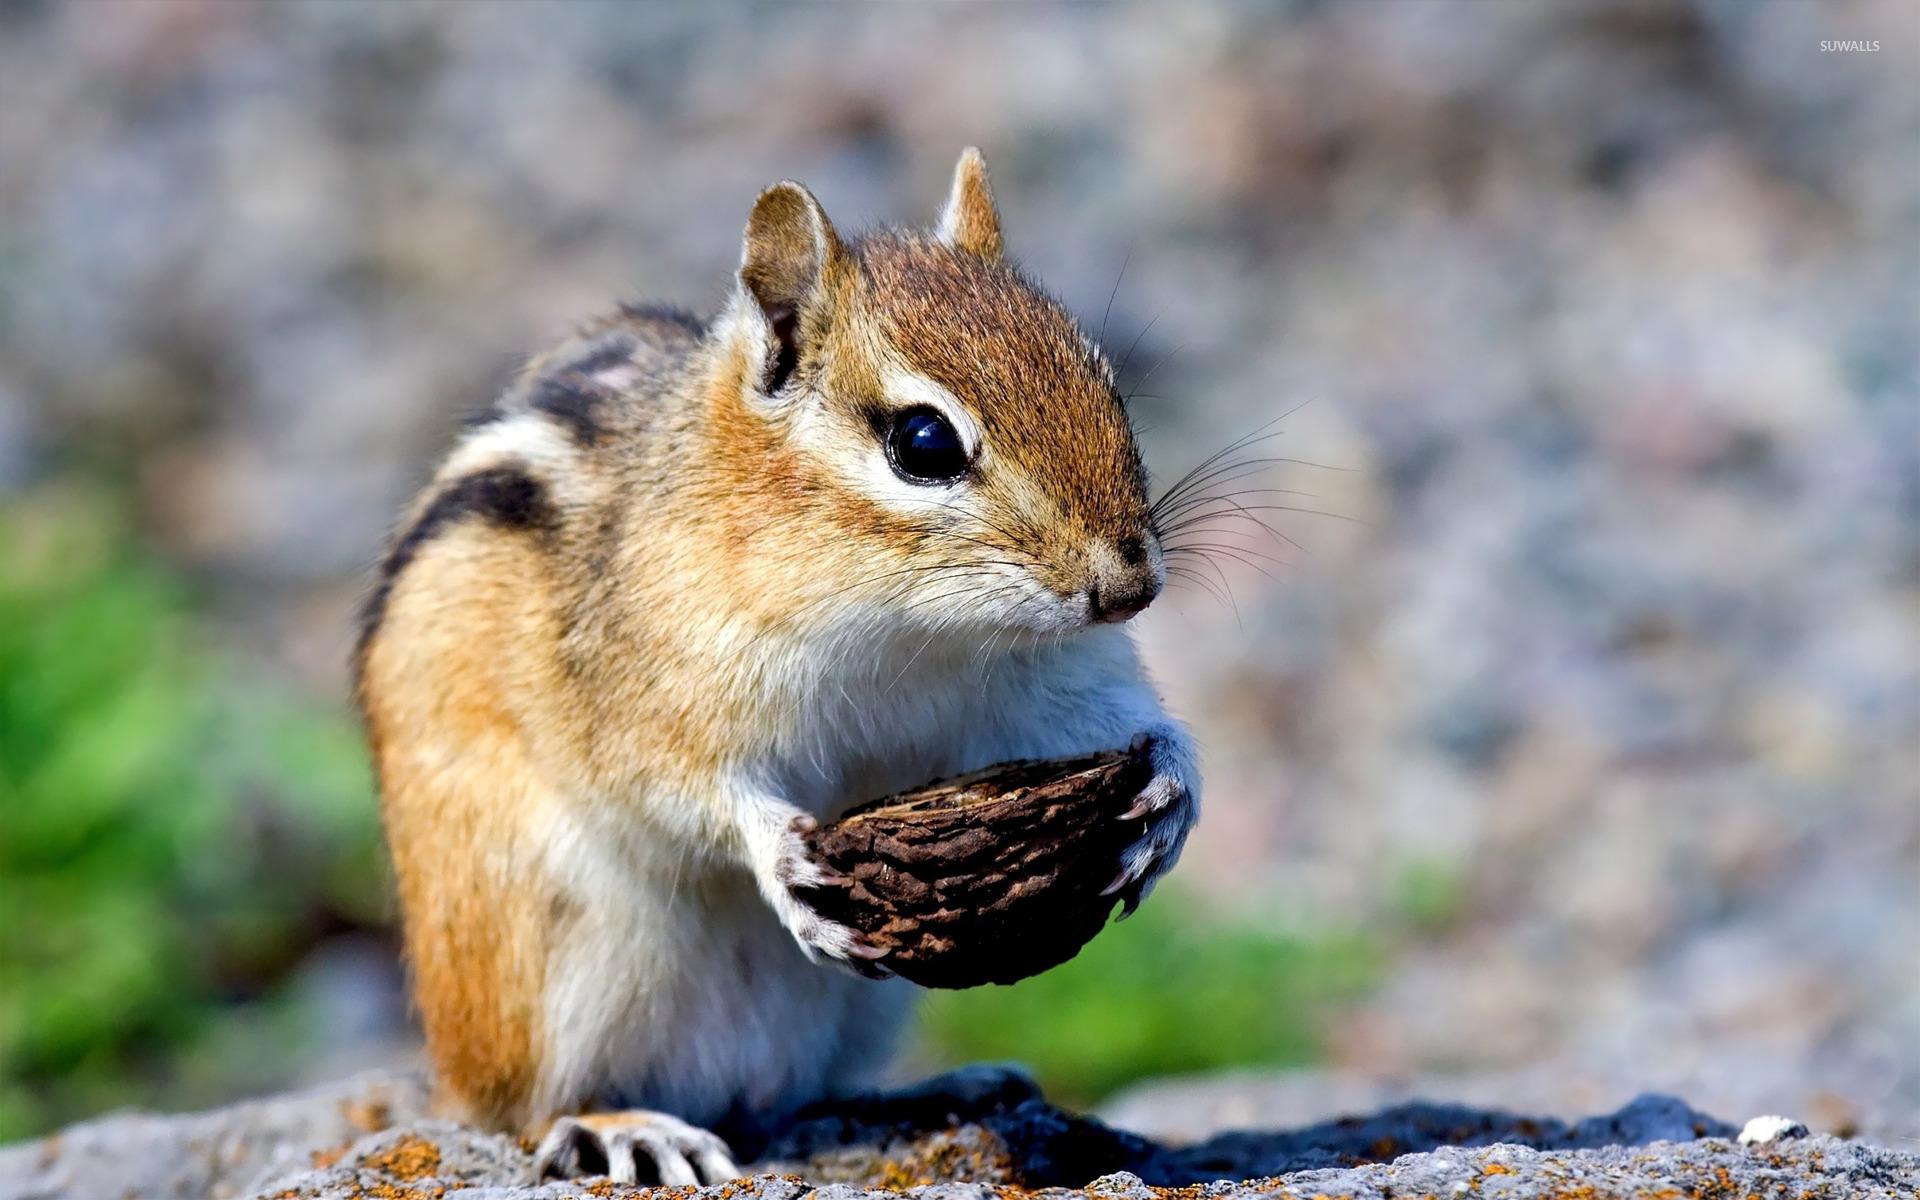 бурундук с арахисом  № 136477 бесплатно